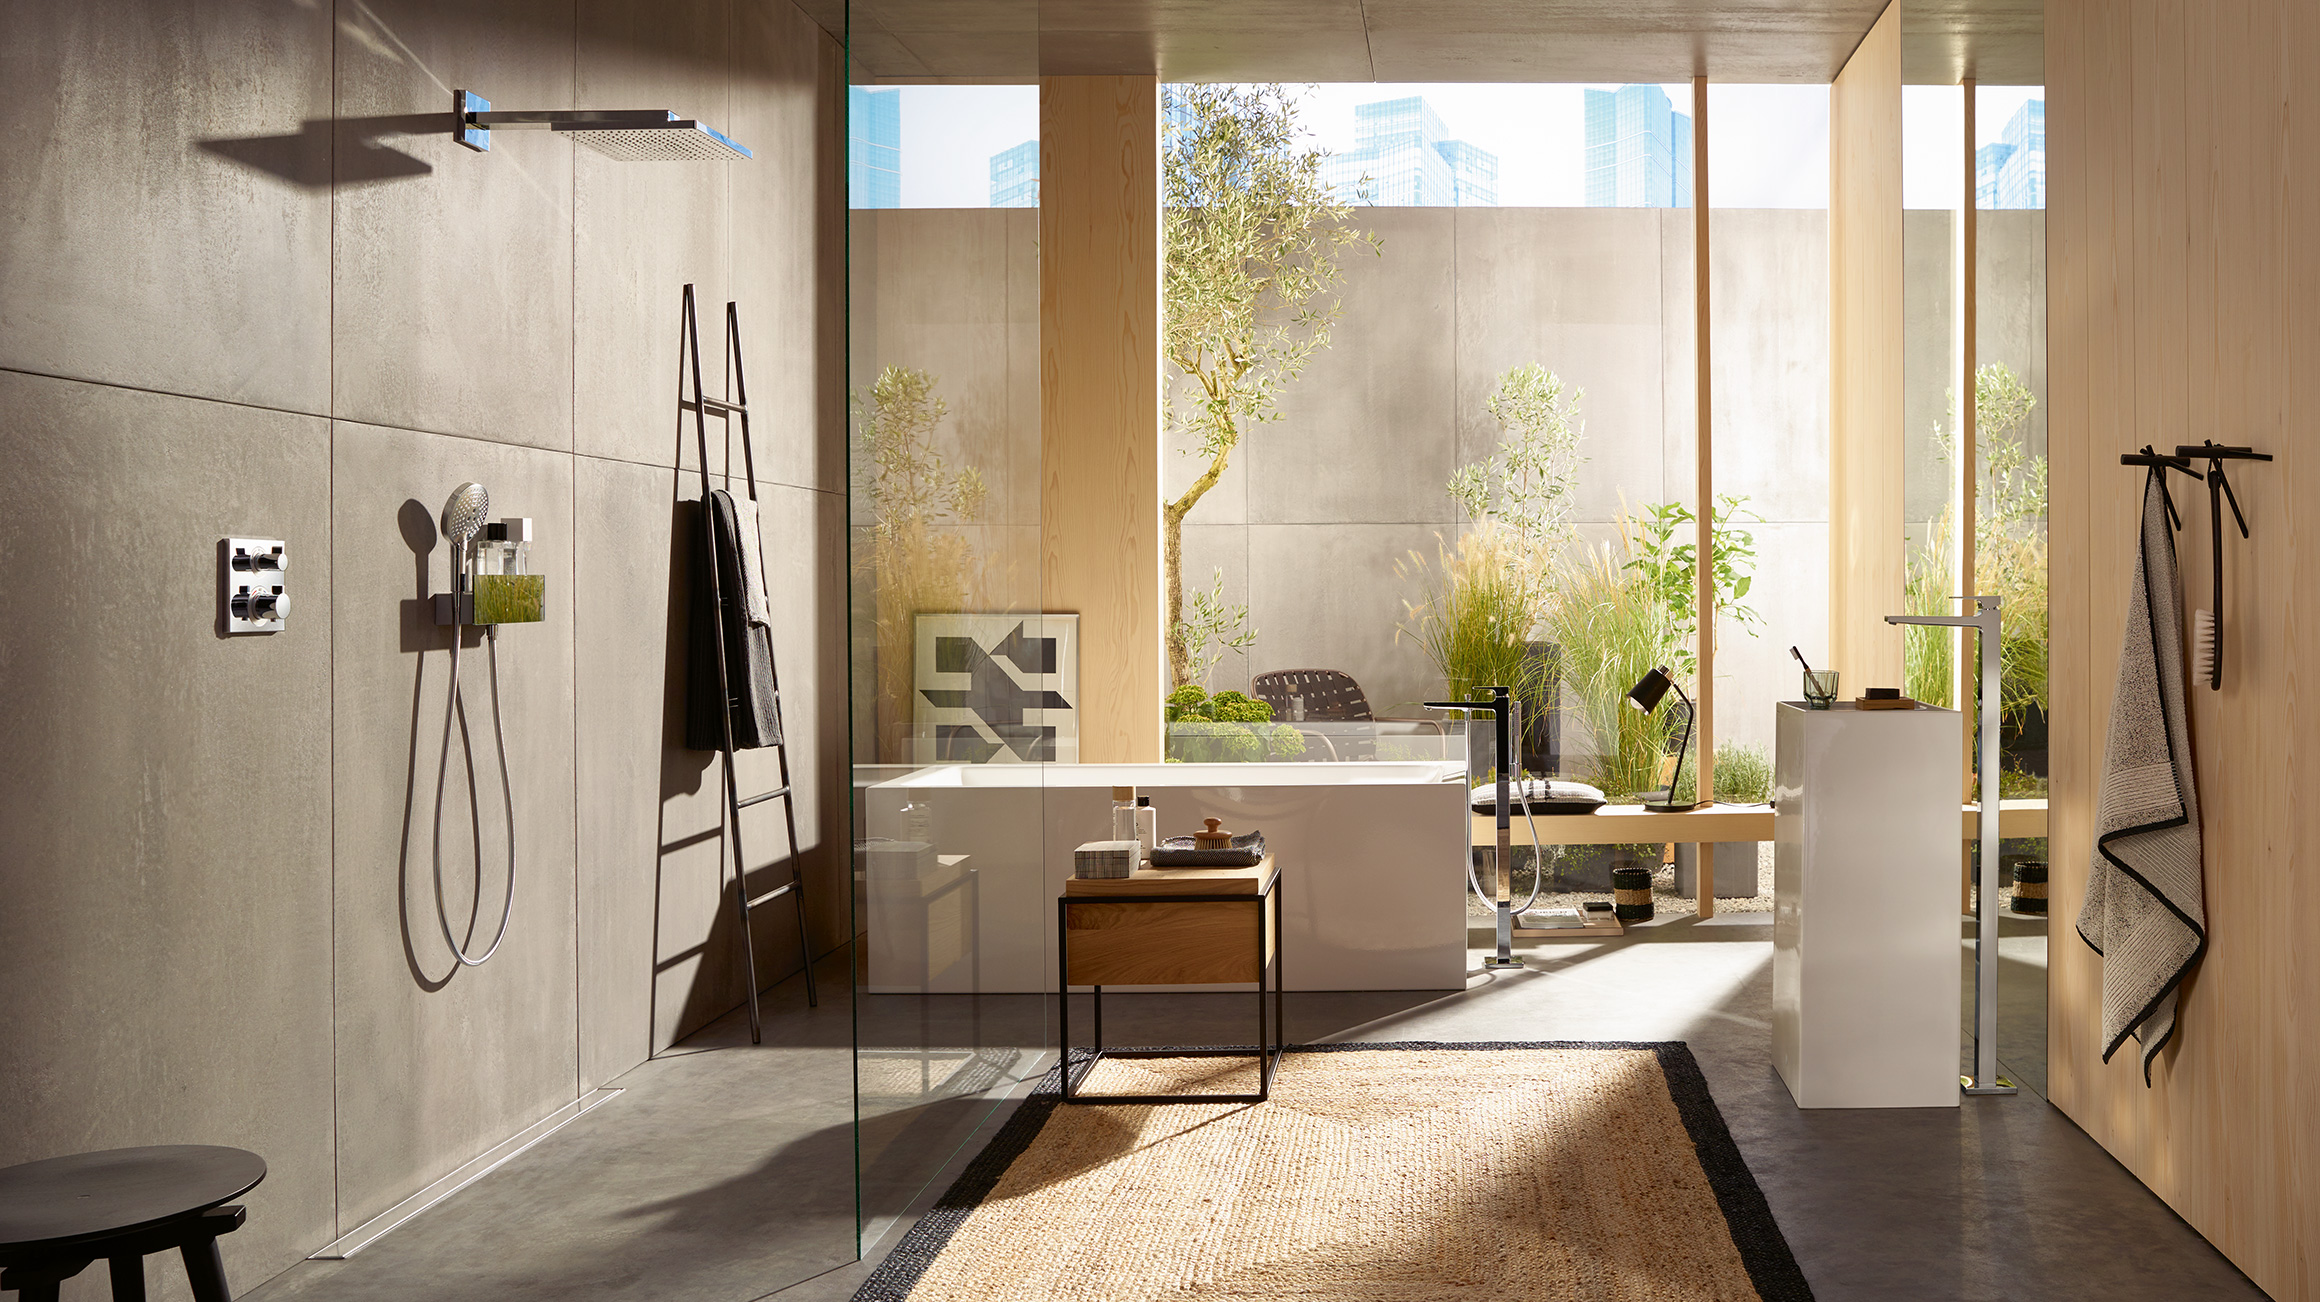 Tendenza nel bagno cemento a vista e pareti grezze effetto